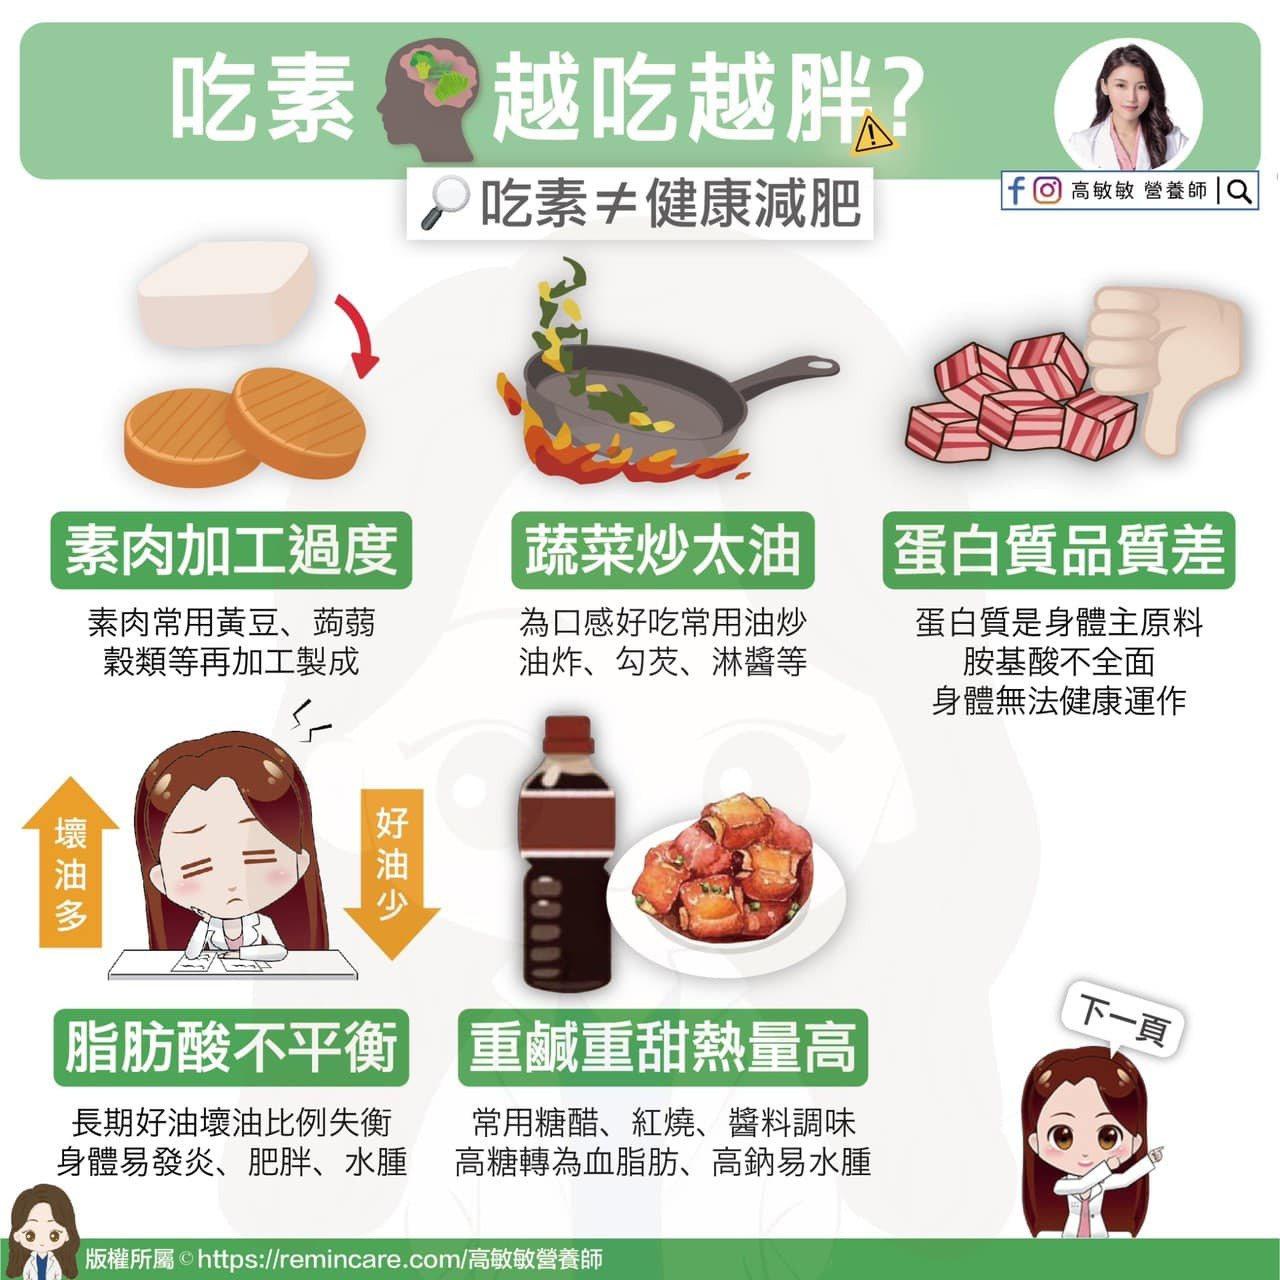 豐富油脂可以補充人體所需熱量,像是腰果、杏仁等核果類都很不錯喔! 圖/高敏敏營養...